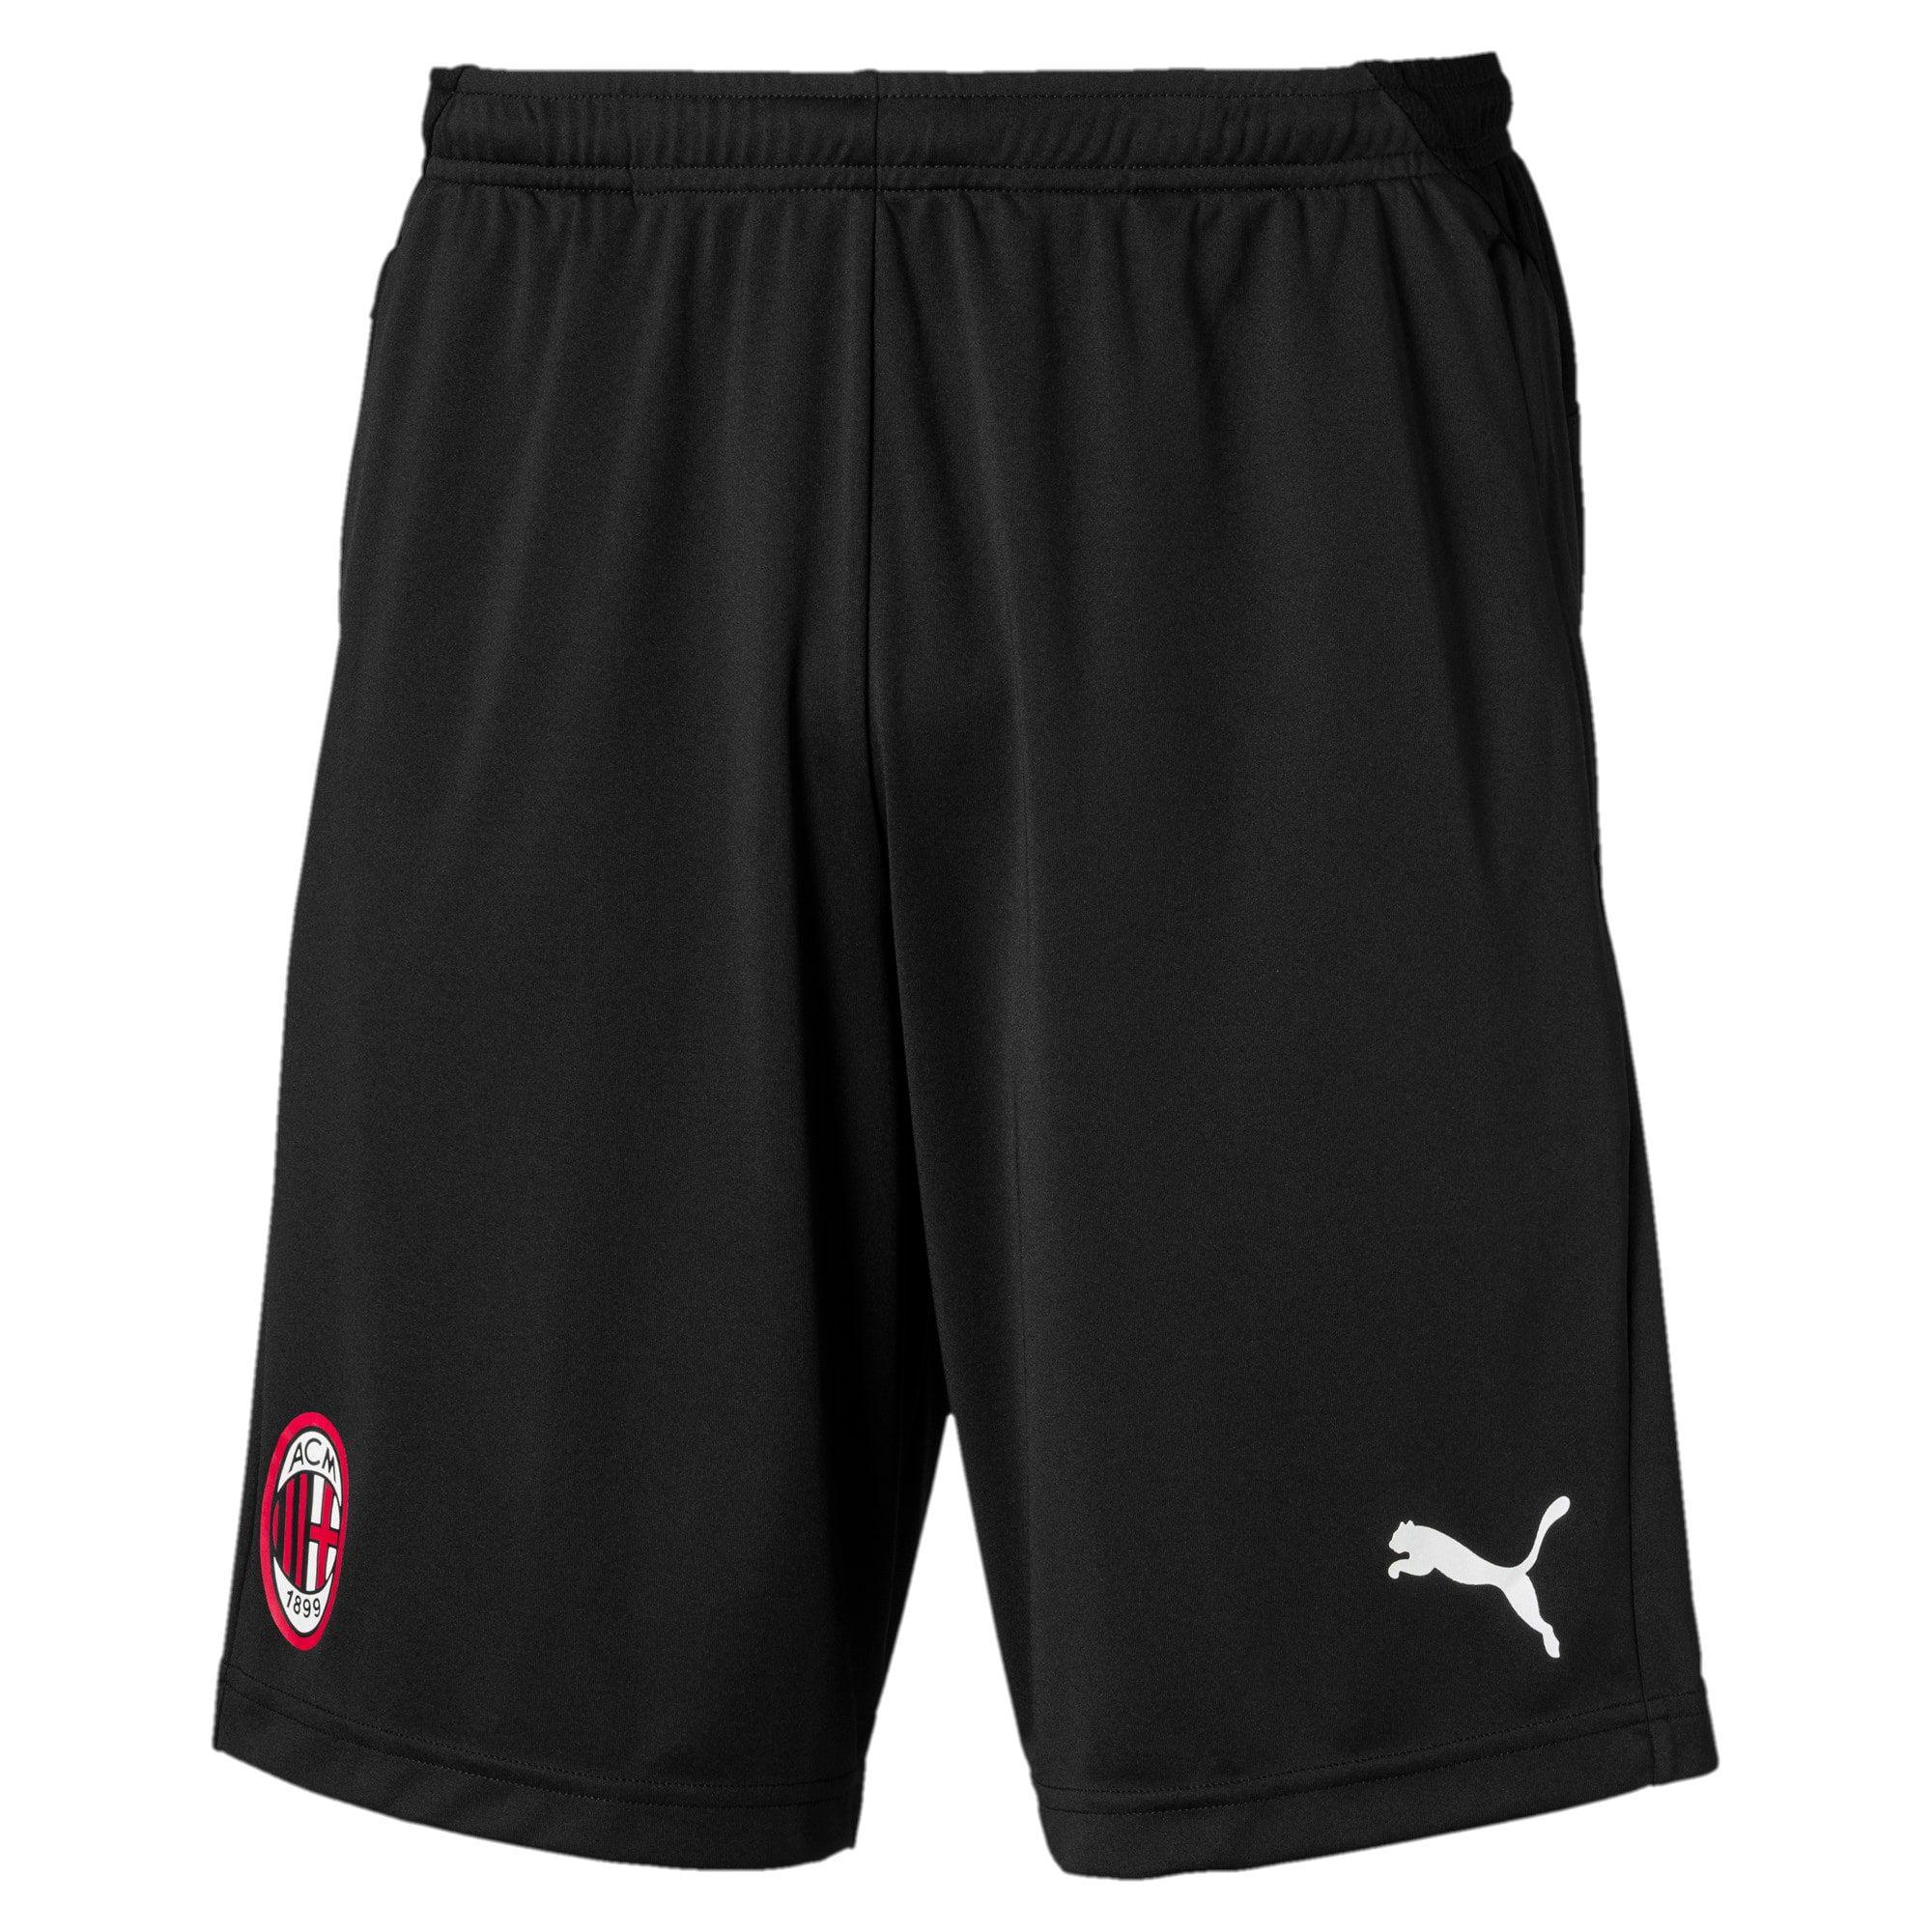 Photo of PUMA AC Milan Men's Training Shorts, Black, size 2X Large, Clothing